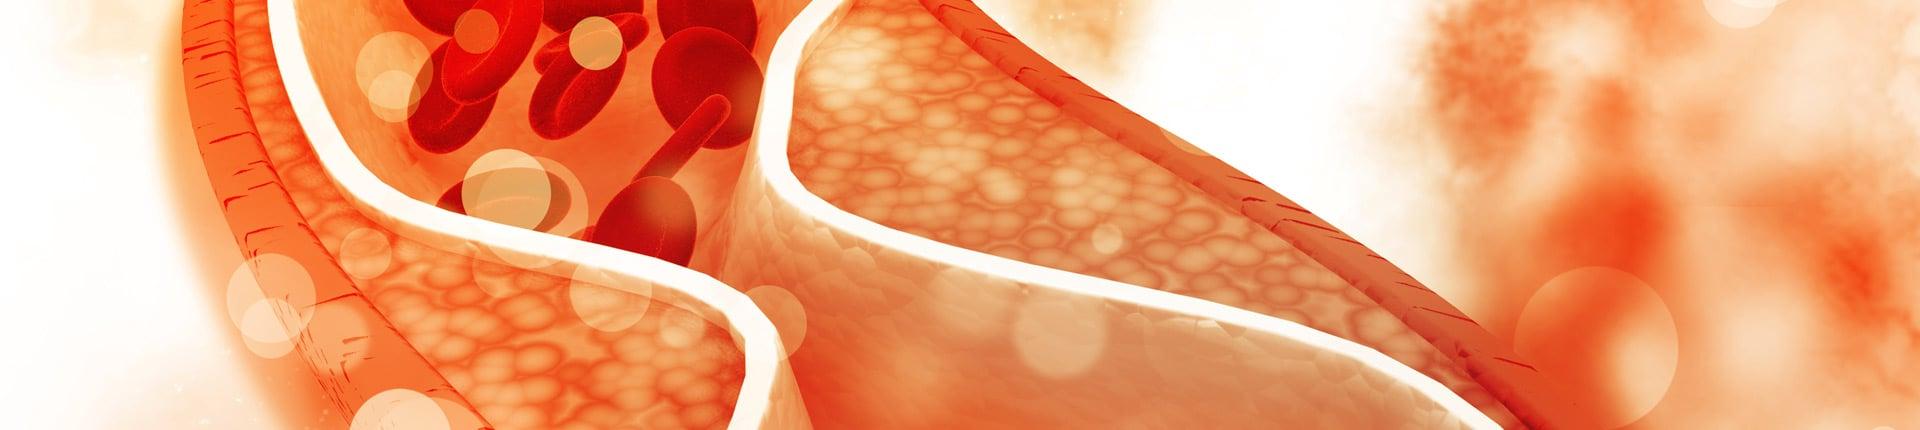 Niski cholesterol zabija? Kiedy jest groźny?